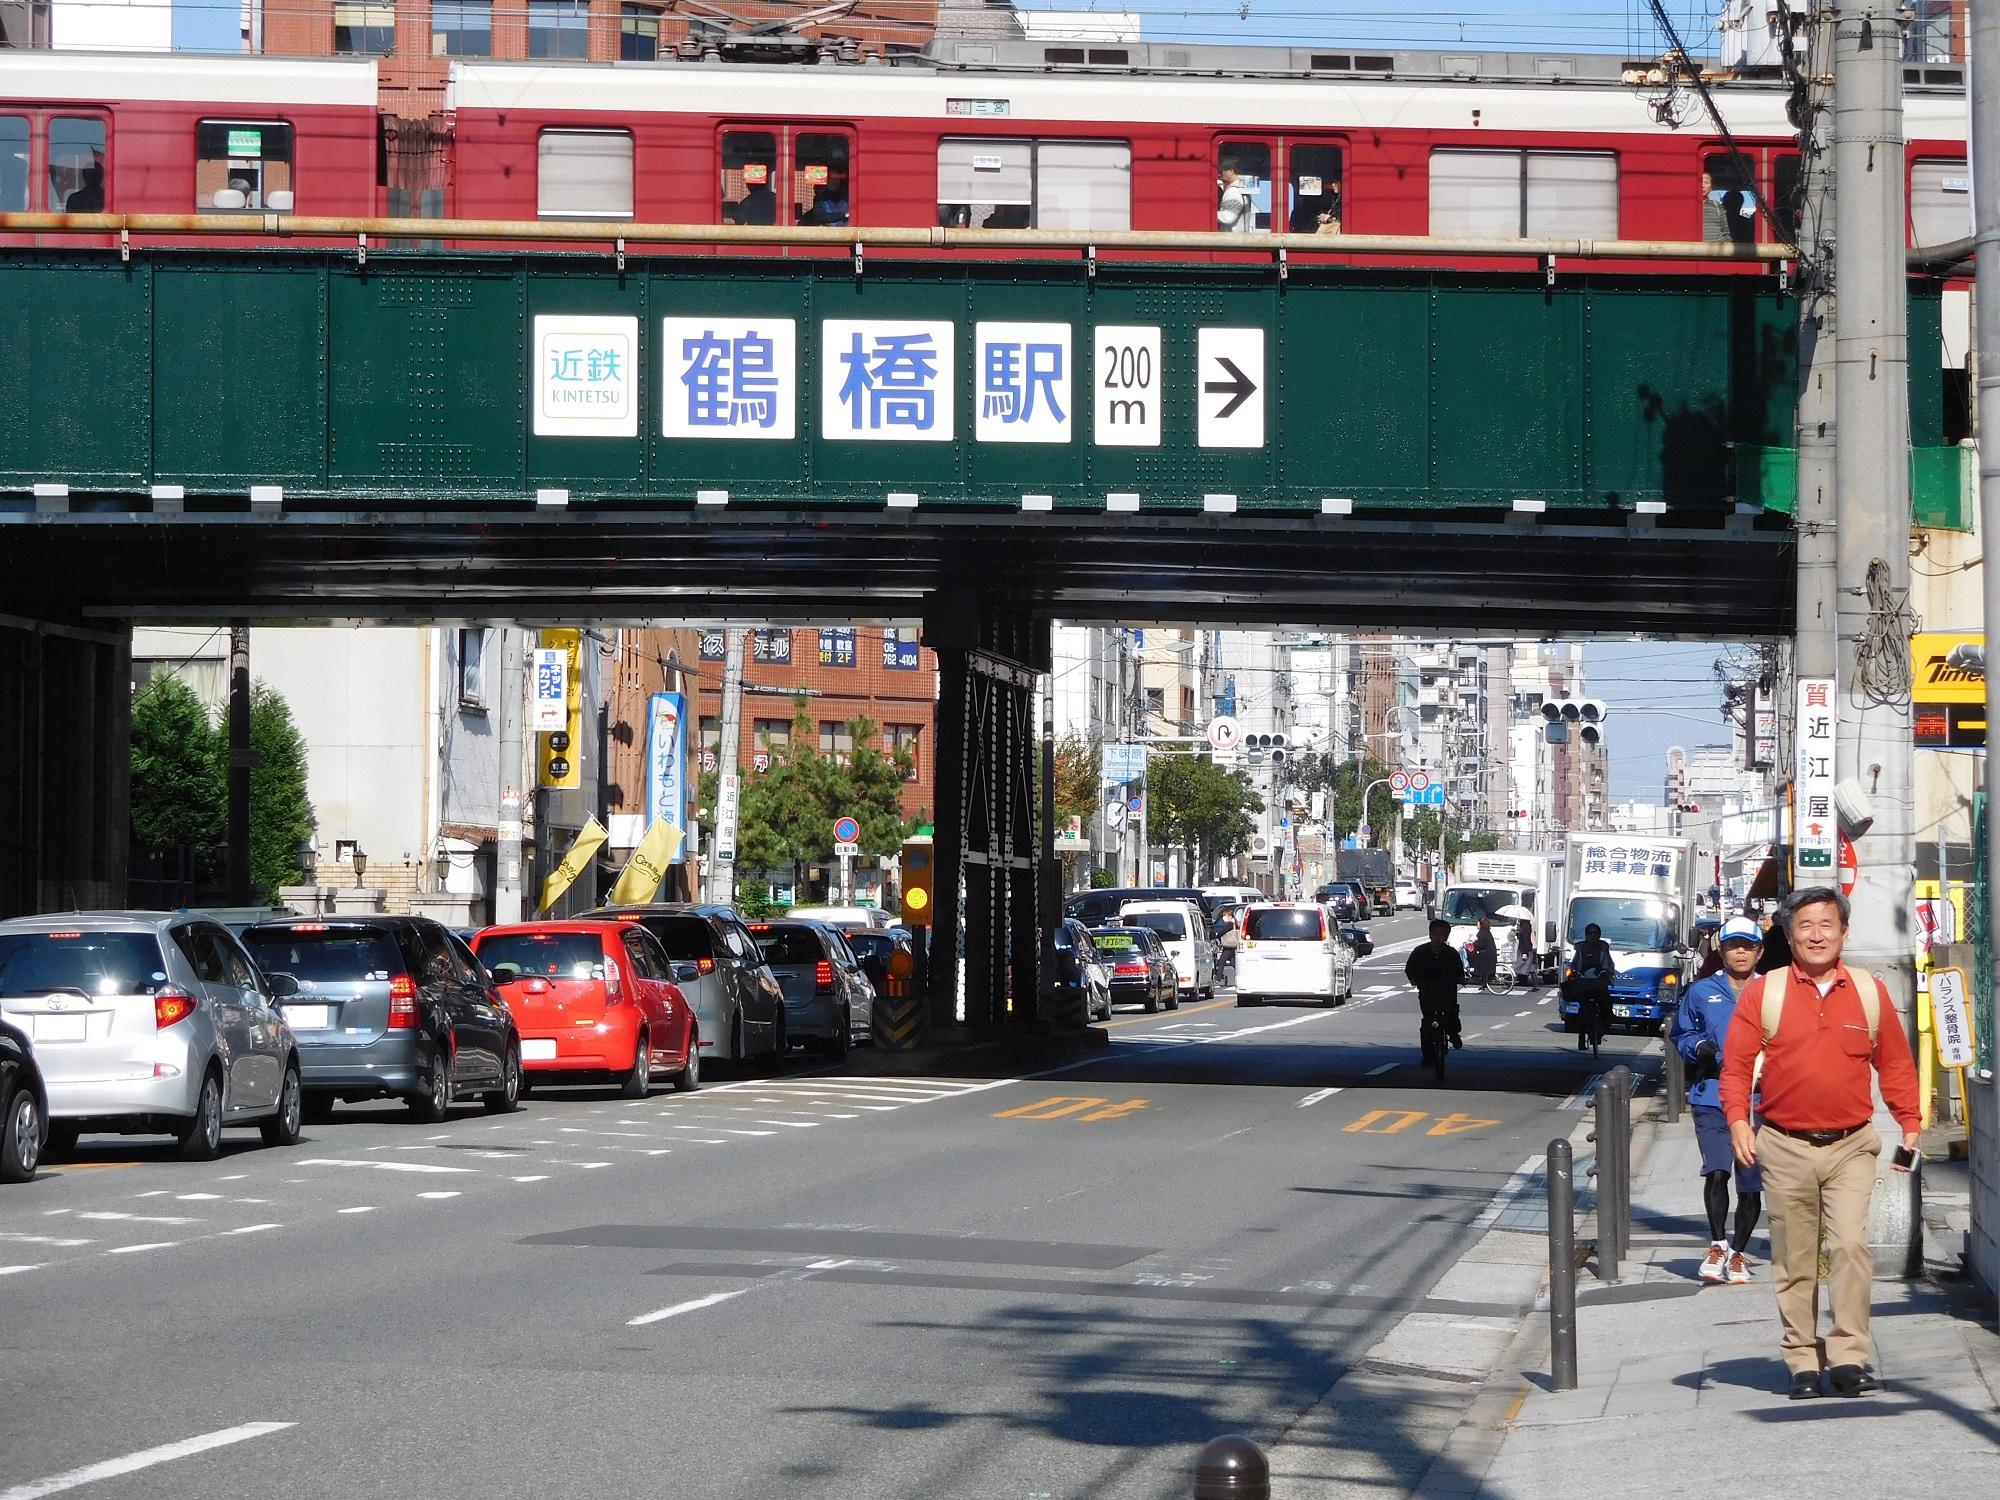 2016.11.12 鶴橋ガード